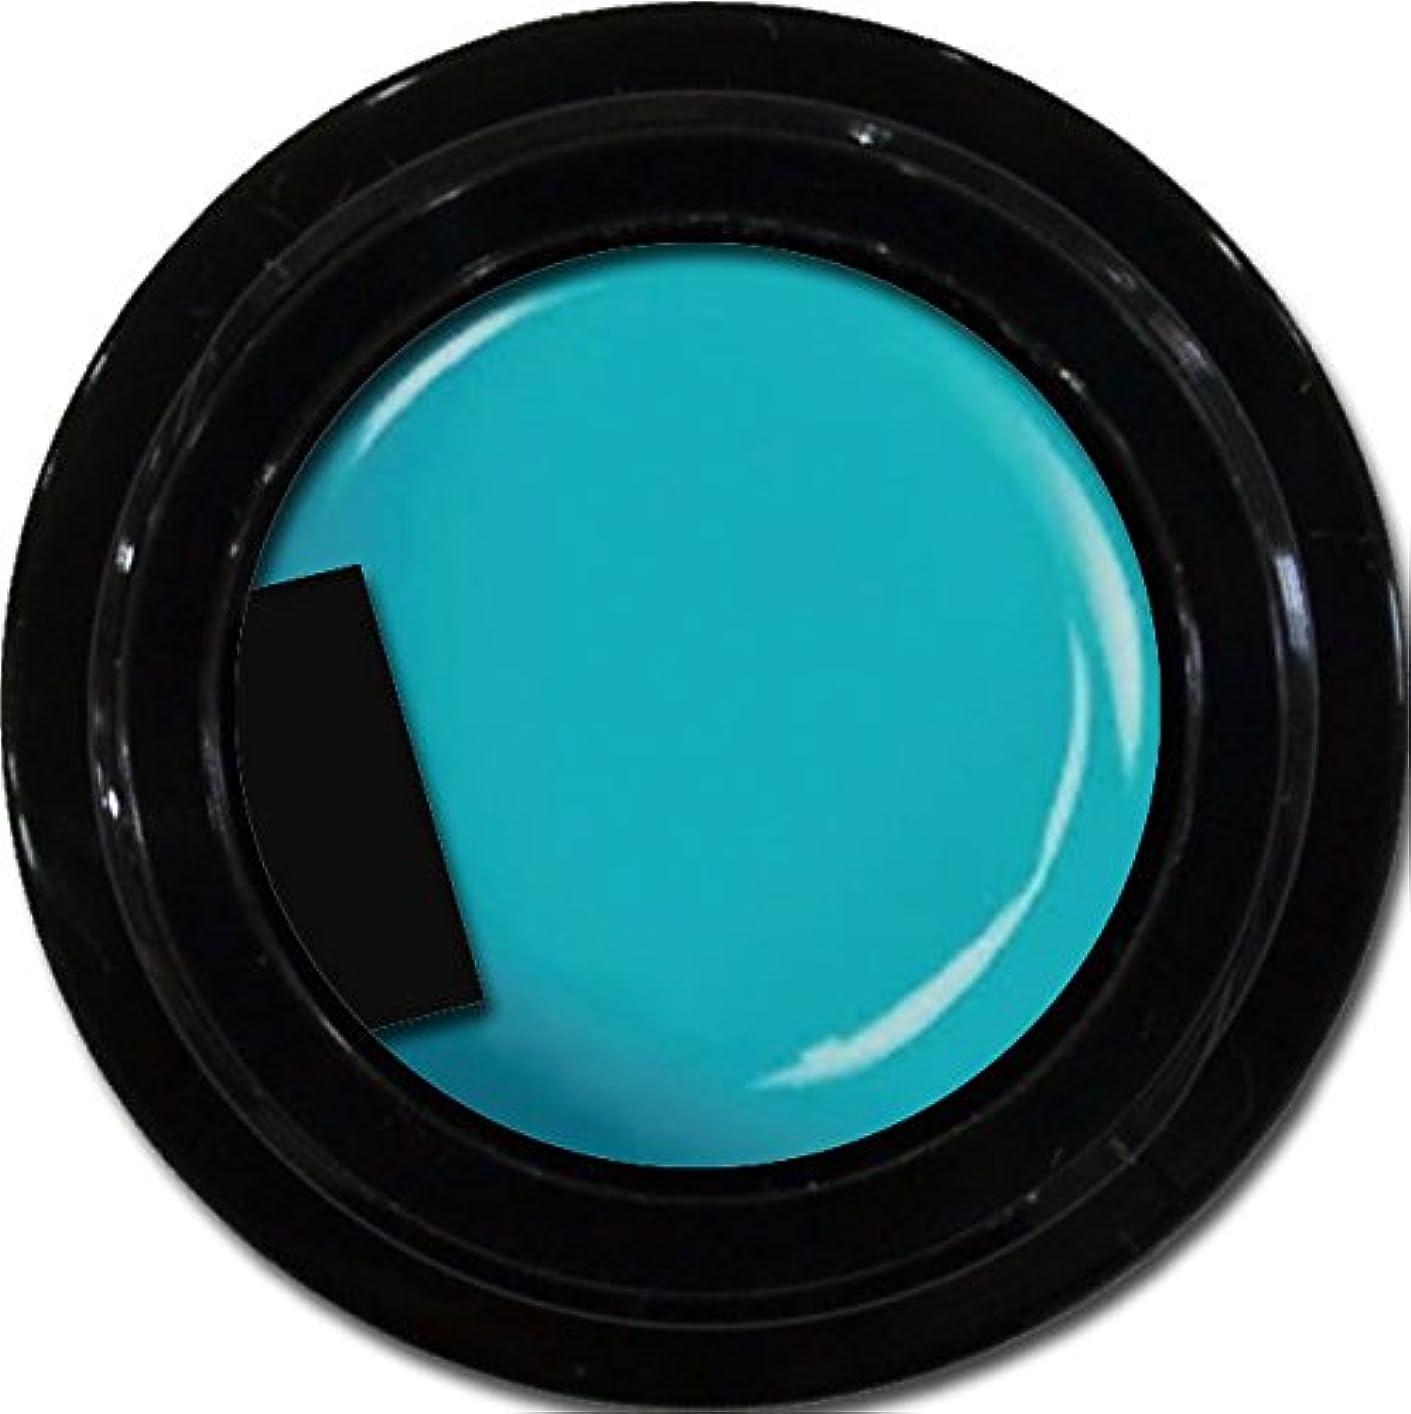 仕出します主導権冒険者カラージェル enchant color gel M707 CanalBlue3g/ マットカラージェル M707カナールブルー 3グラム